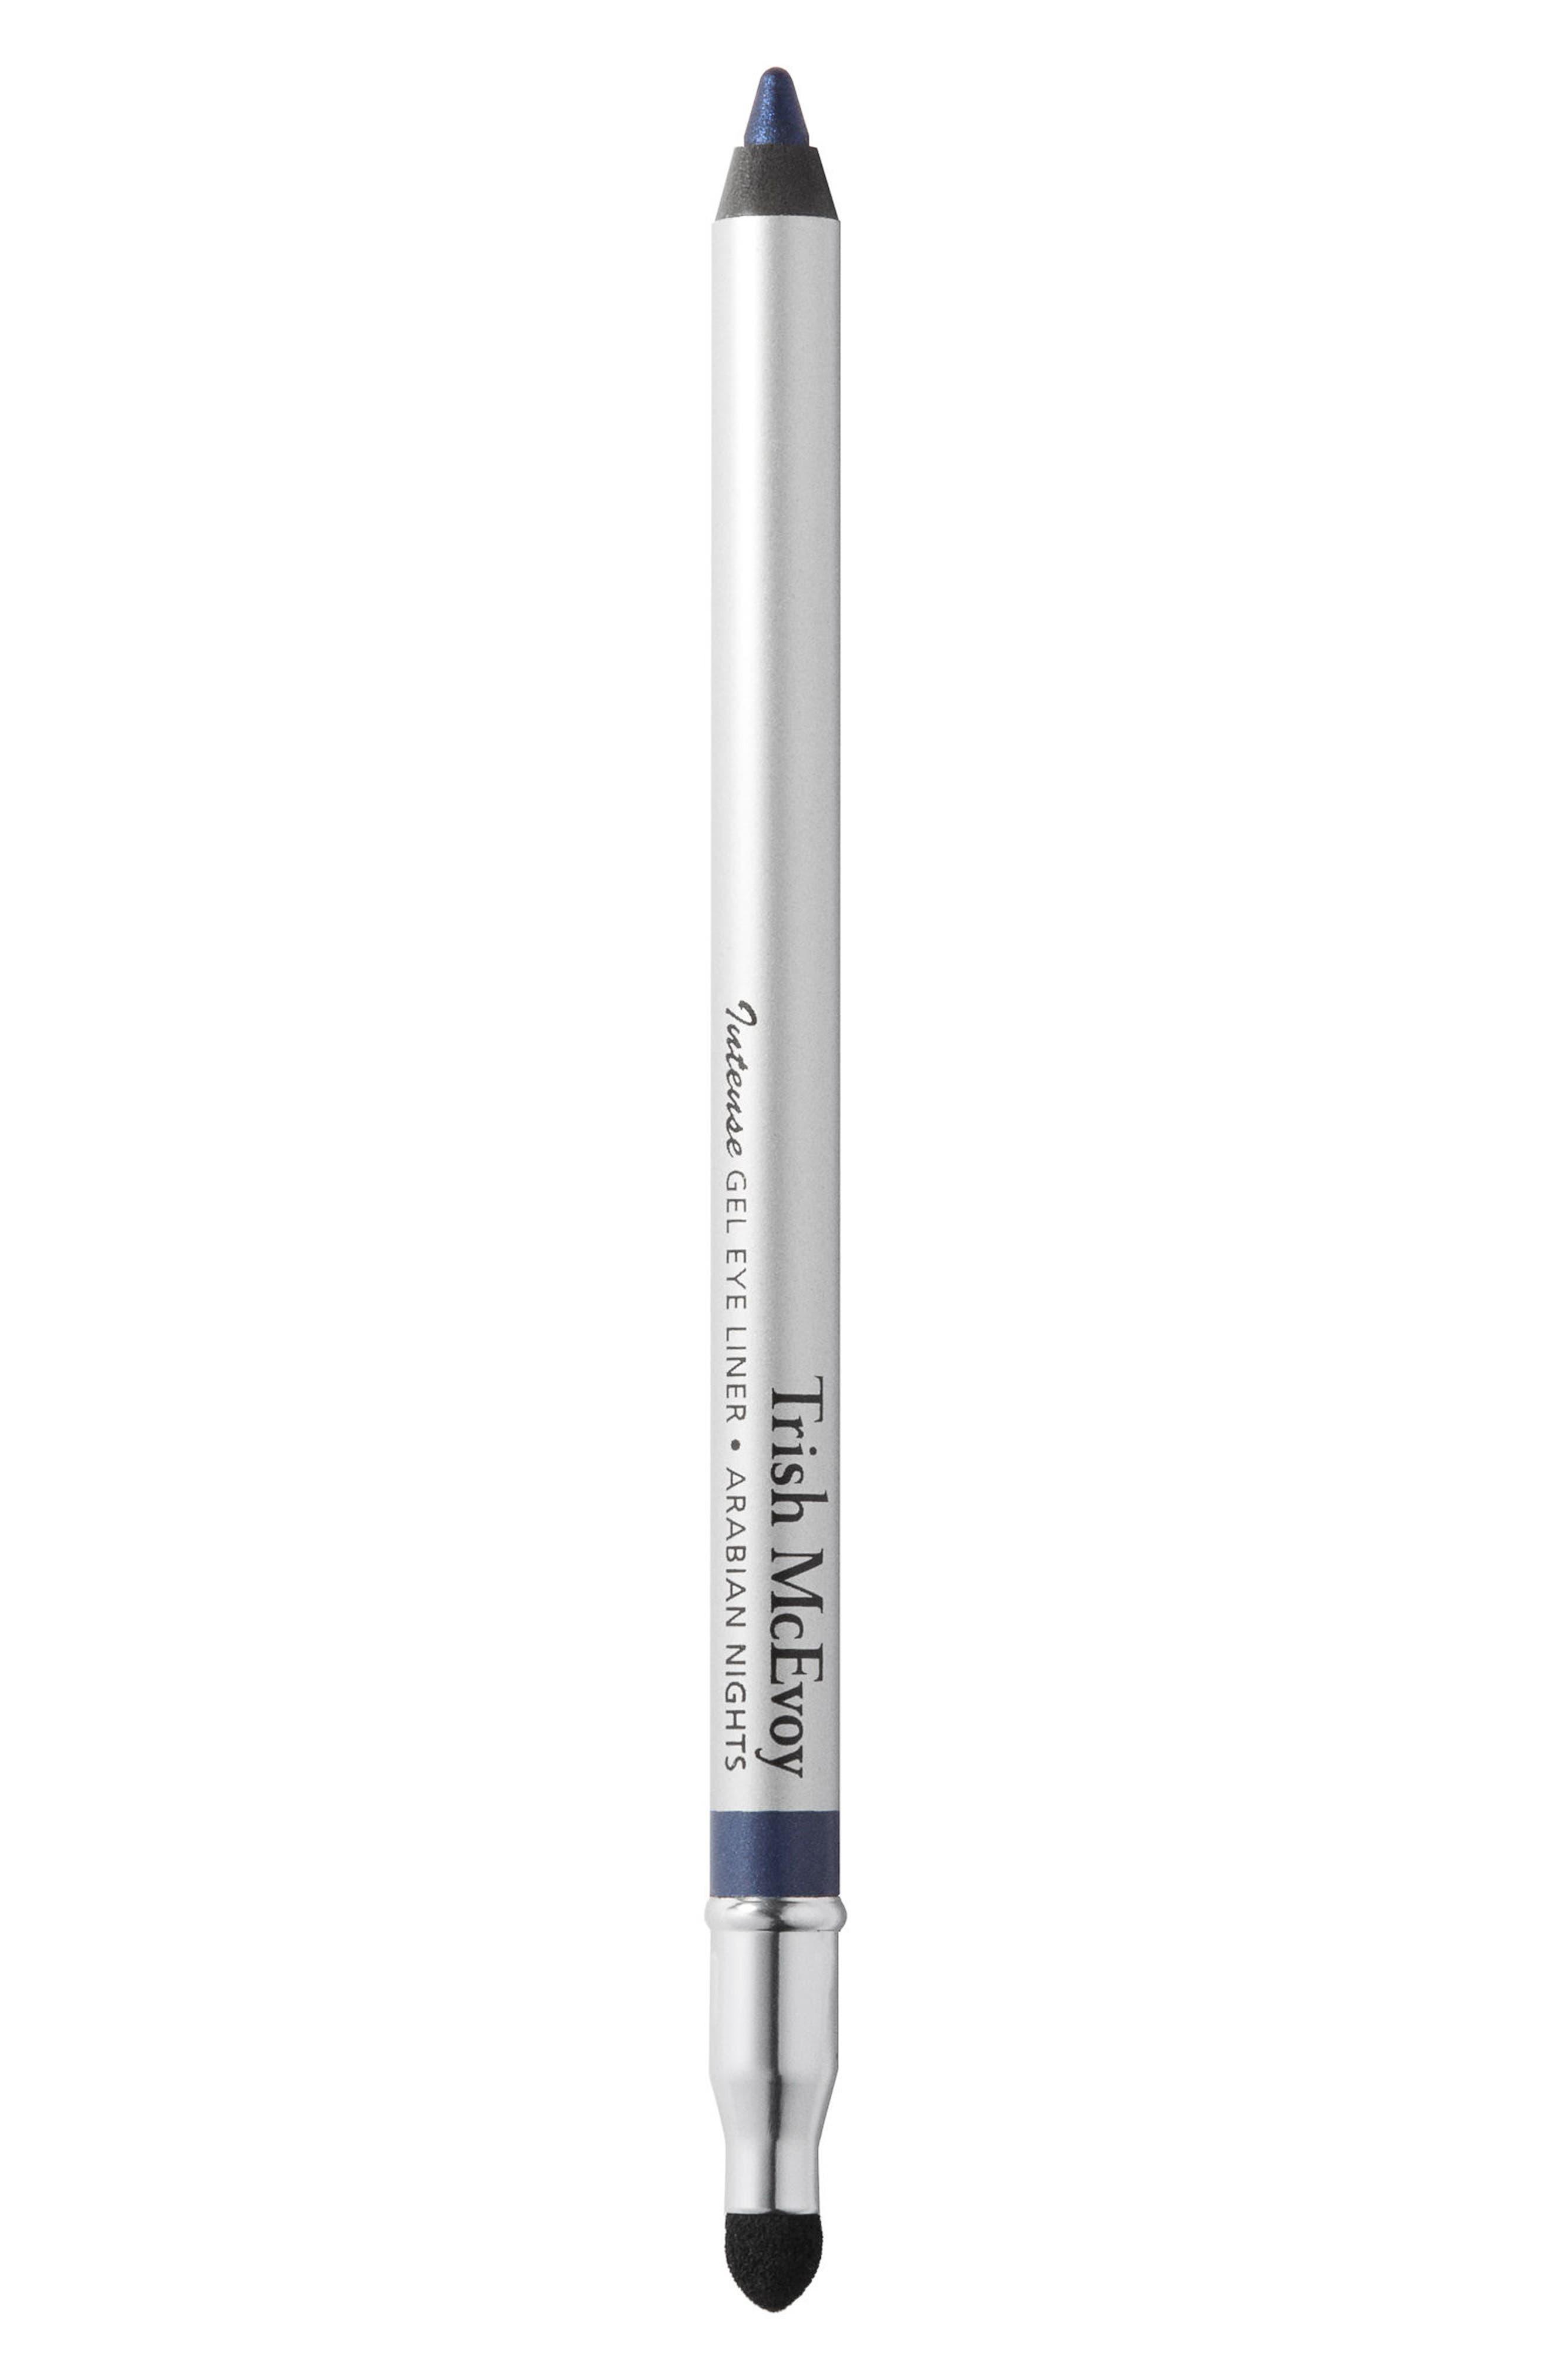 Main Image - Trish McEvoy Intense Gel Eyeliner Pencil